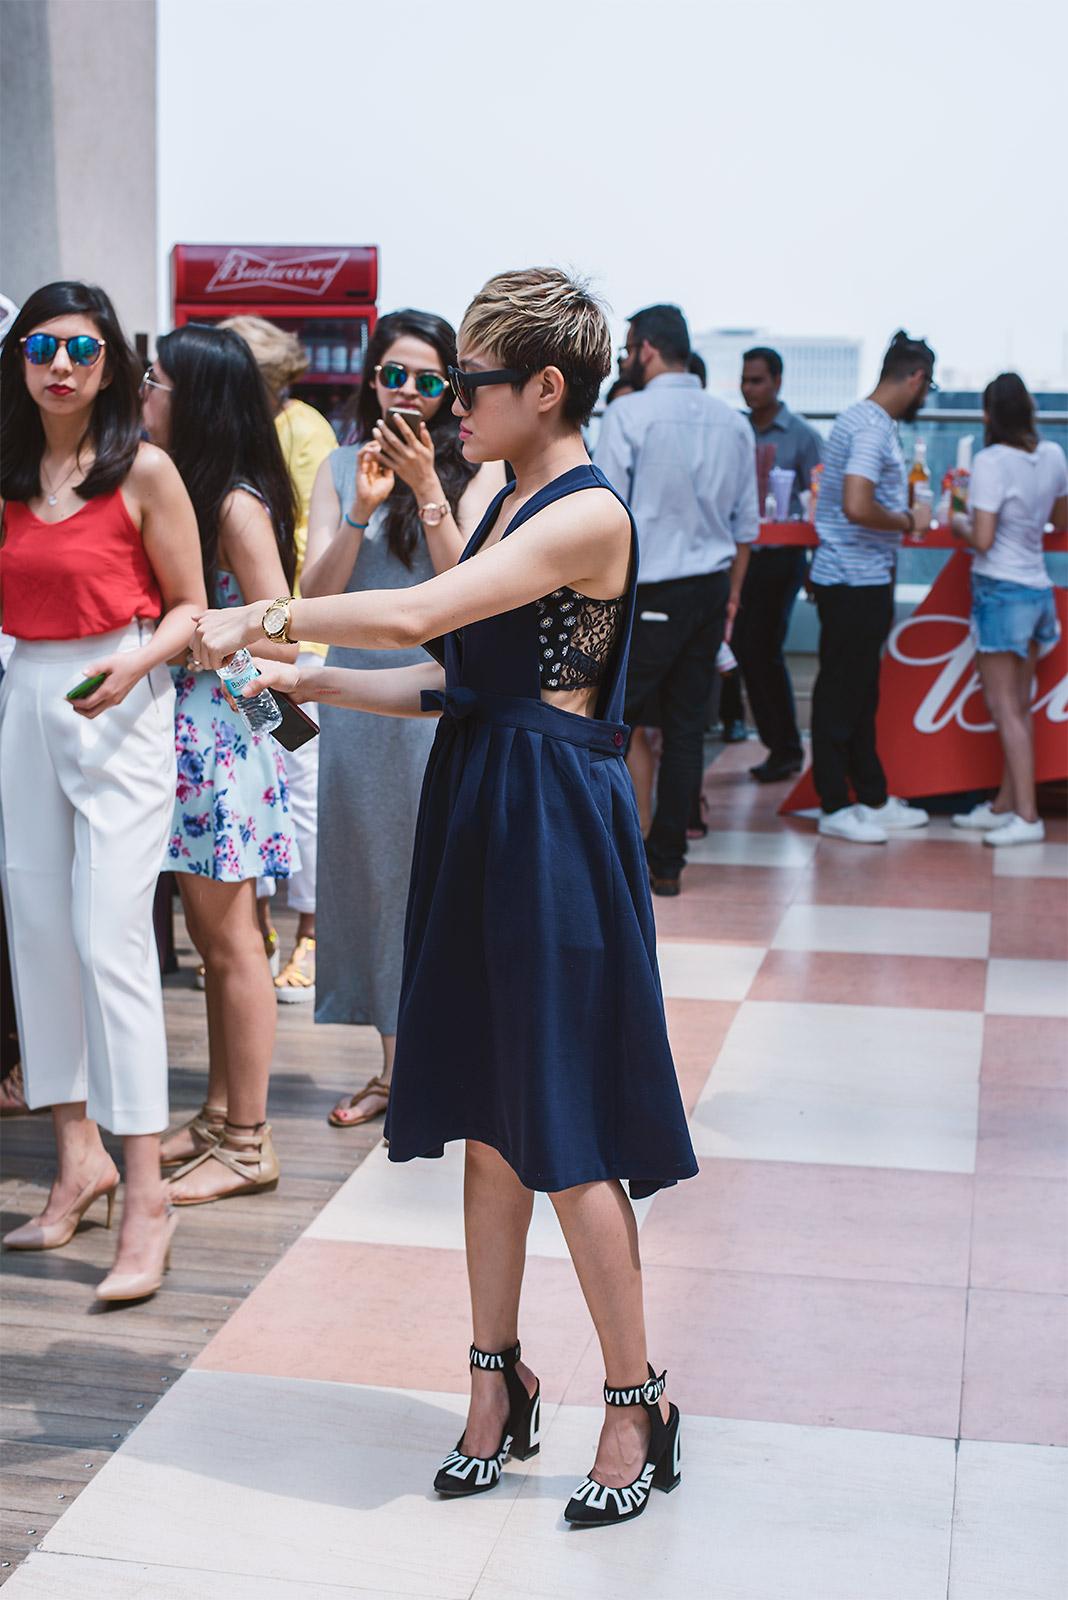 Budweiser Sensation India 2016, Bud Burger Brunch, Aien Jamir 3